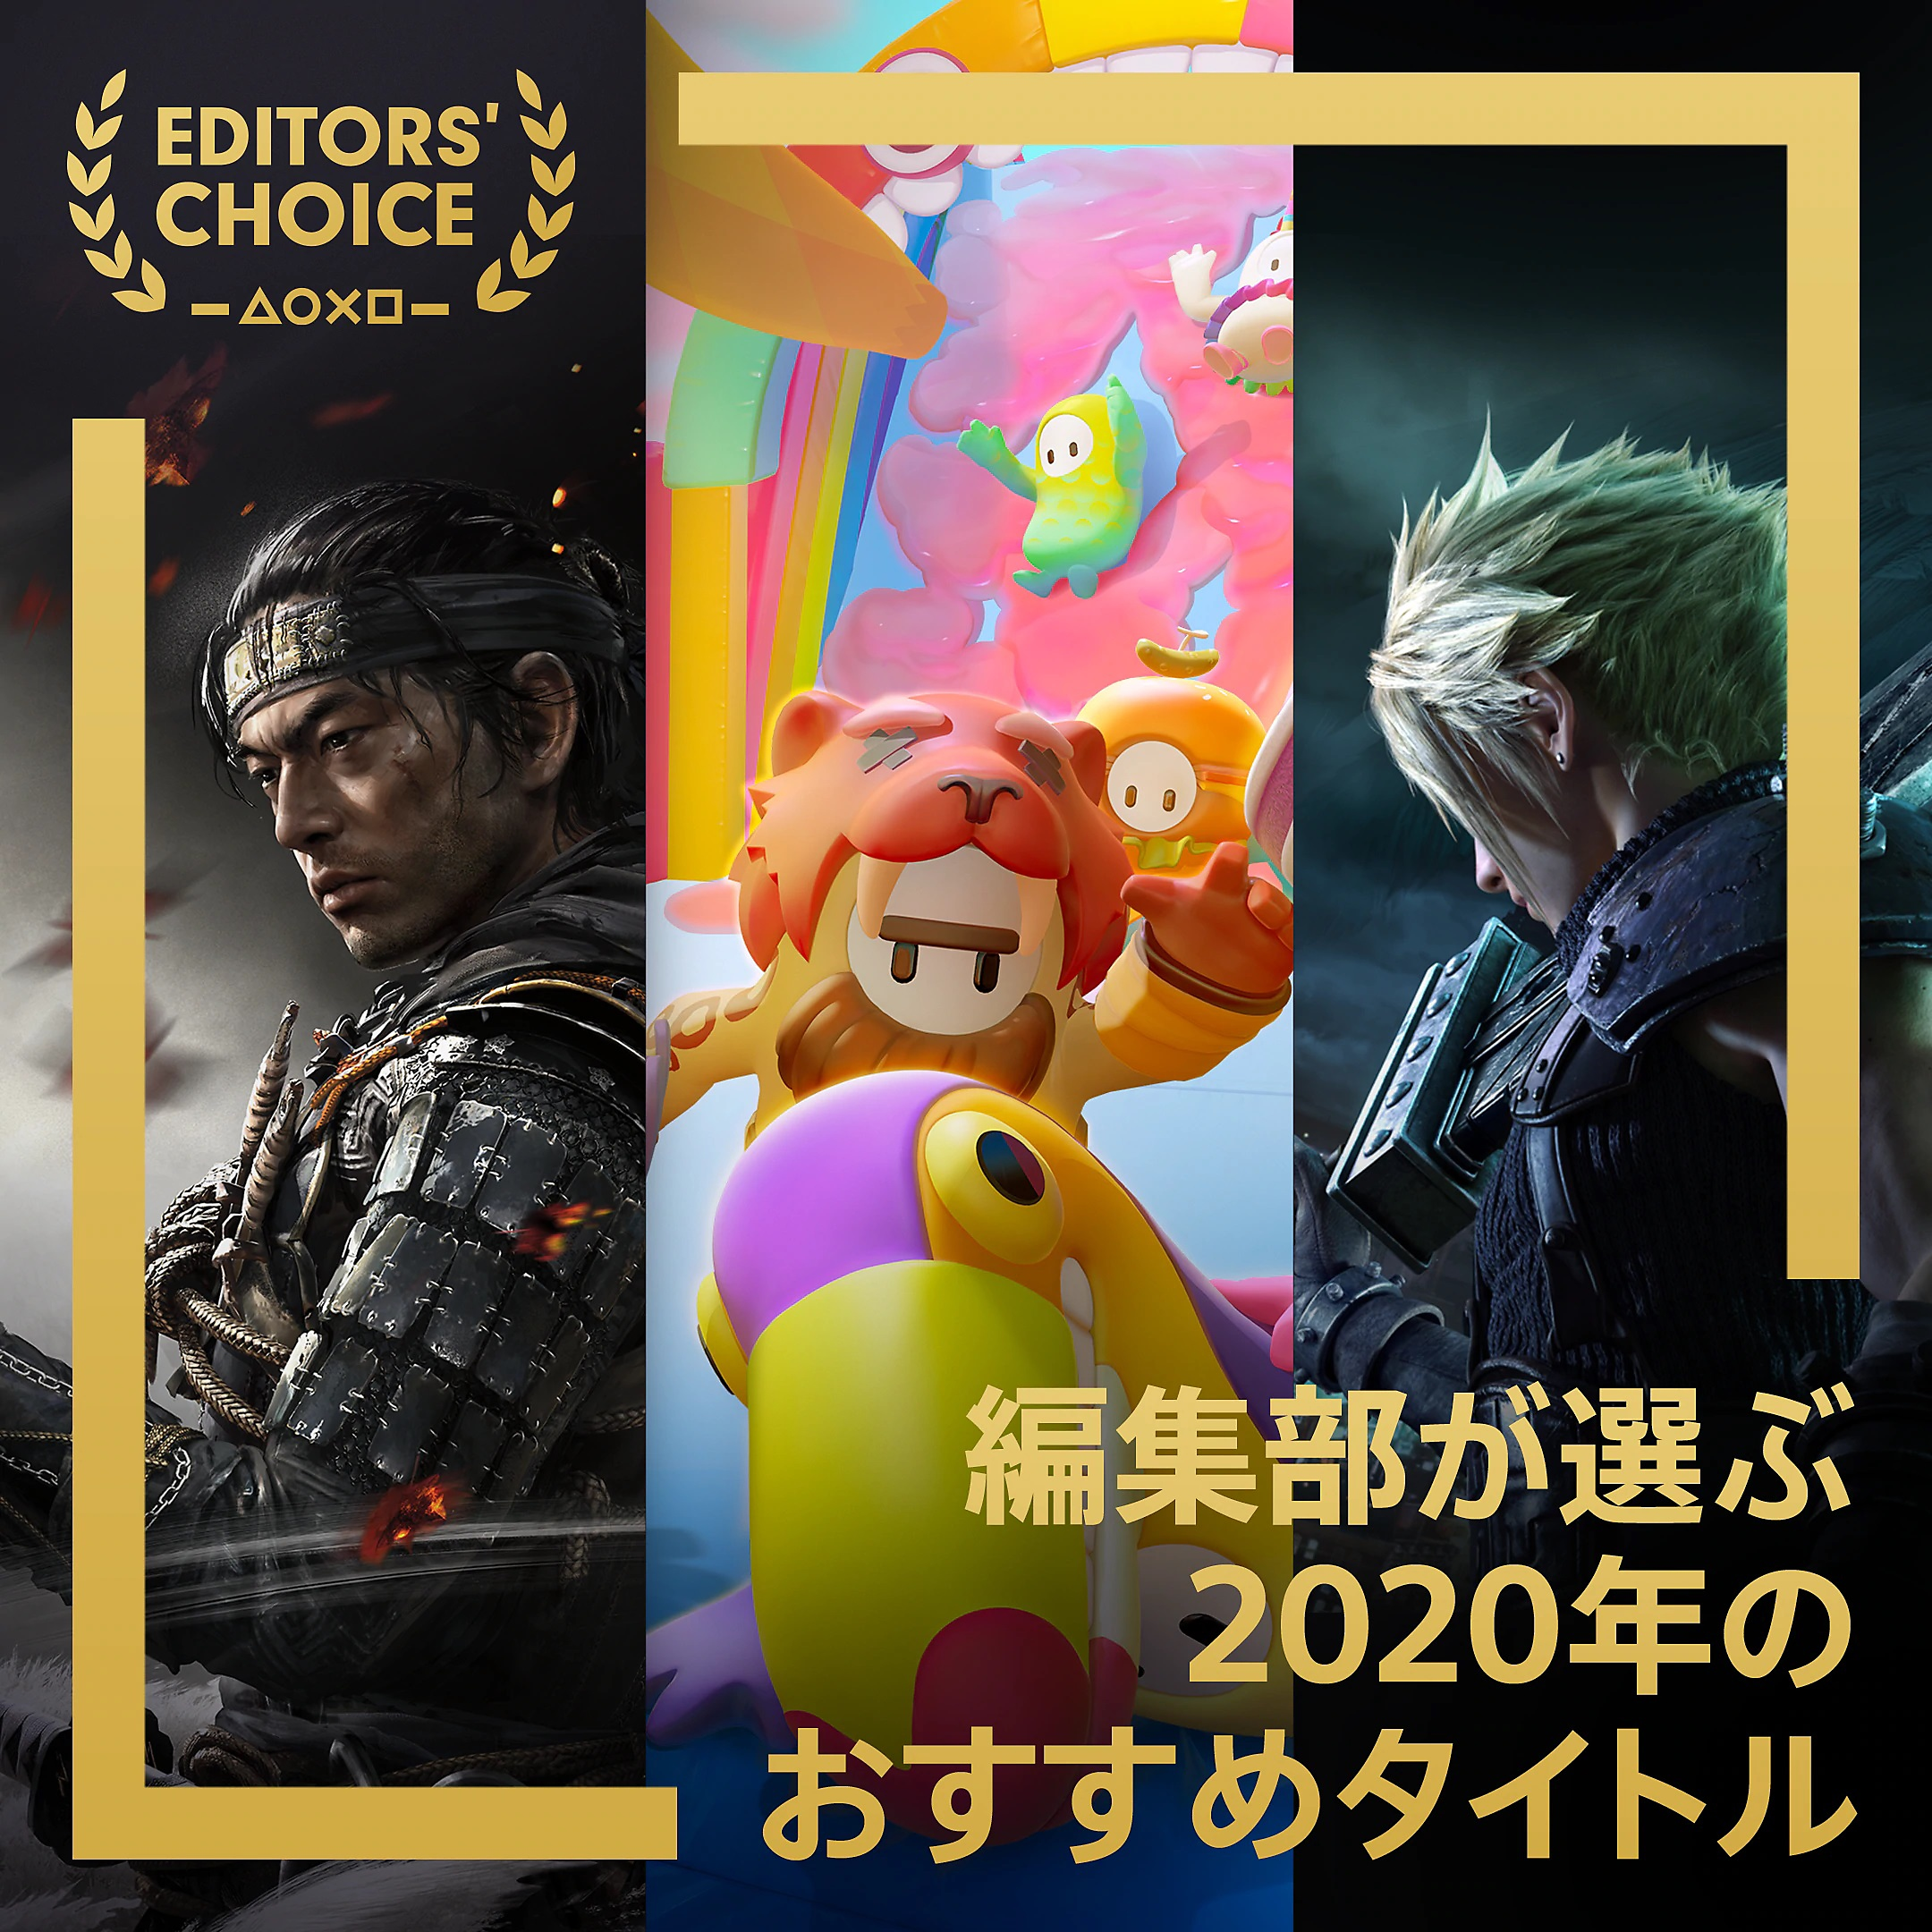 PlayStation Store - 編集部が選ぶ2020年のおすすめタイトル